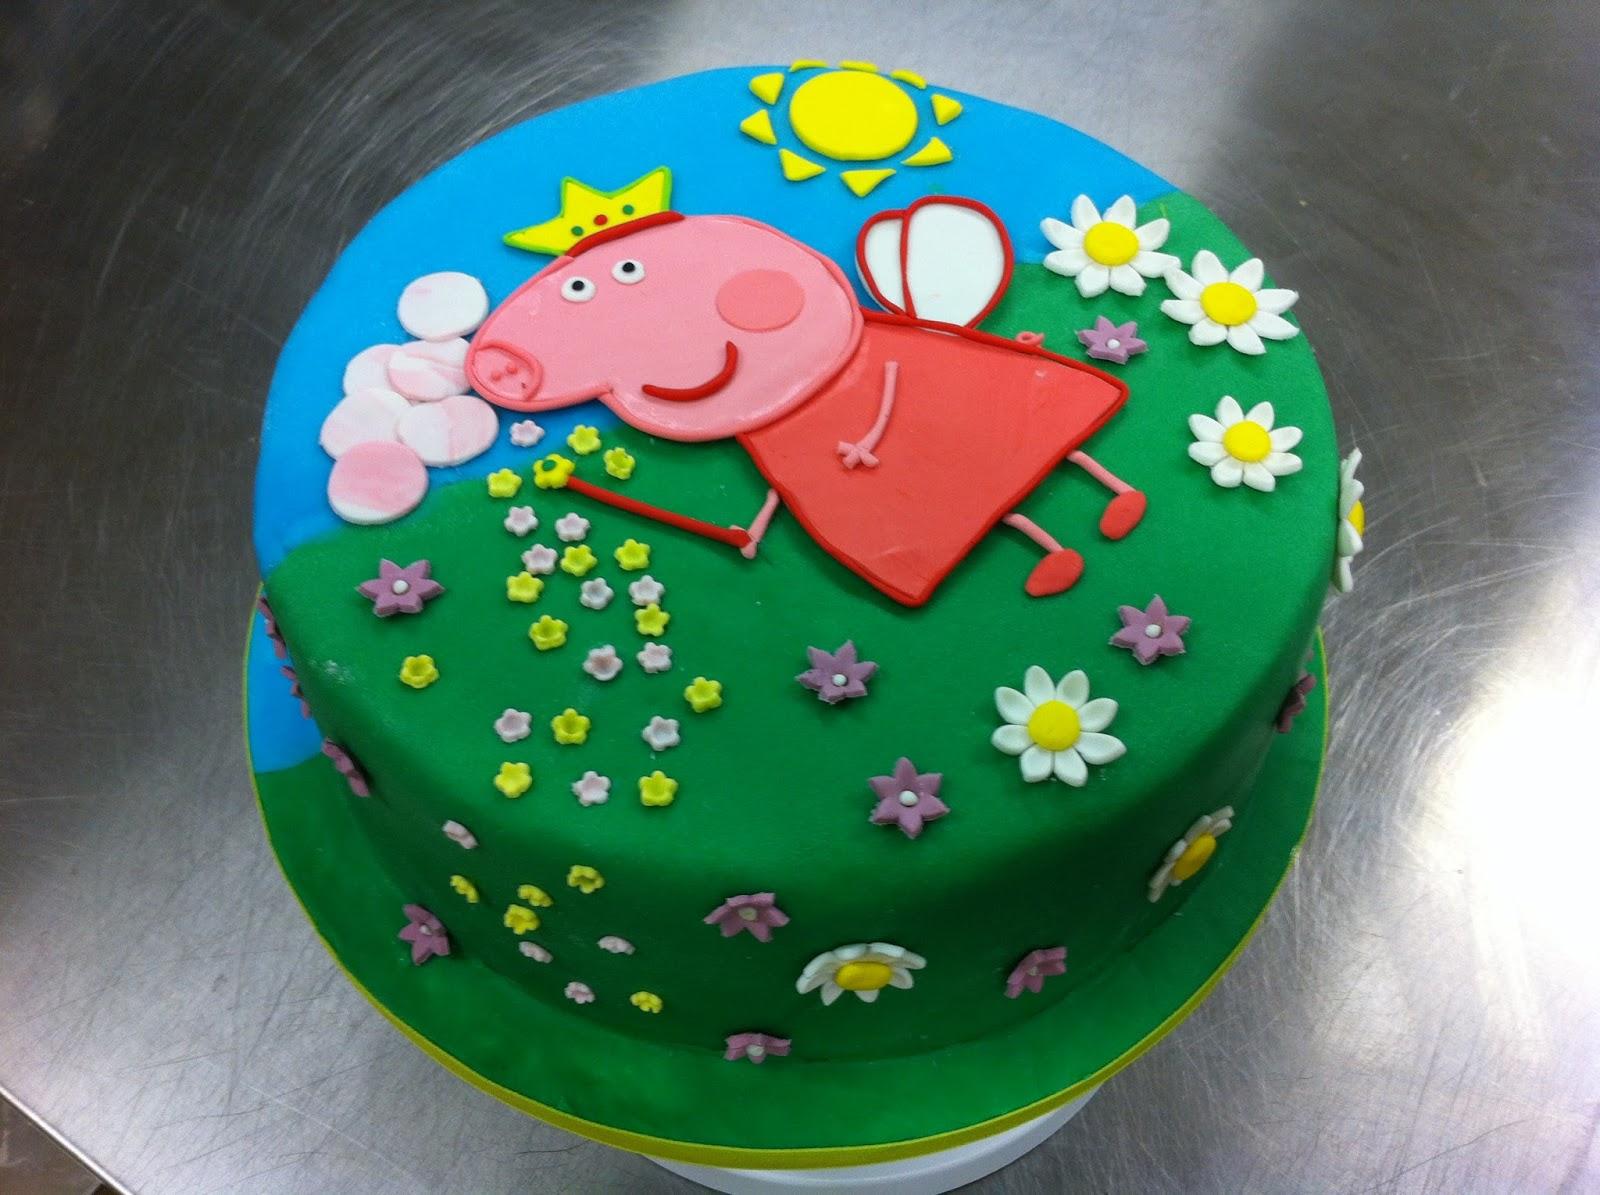 Super La rosa di zucchero: Peppa pig cake SL69